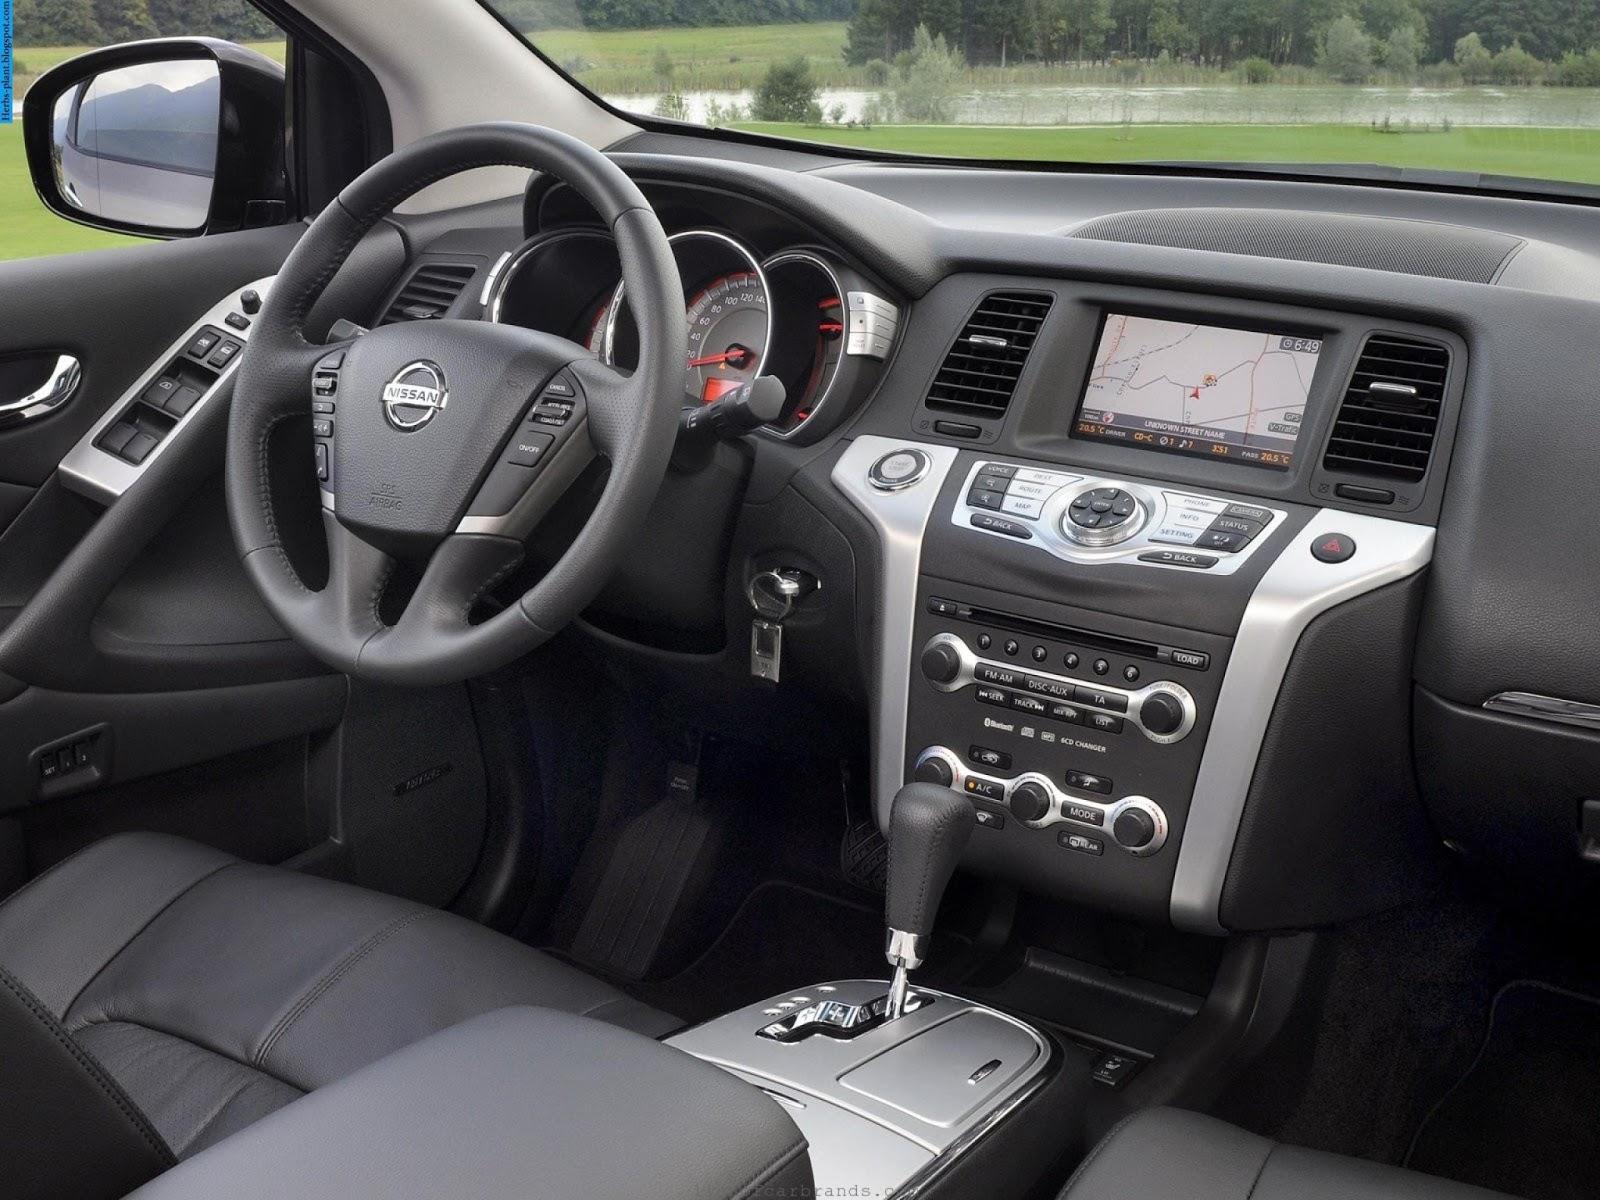 Nissan murano car 2013 dashboard - صور تابلوه سيارة نيسان مورانو 2013